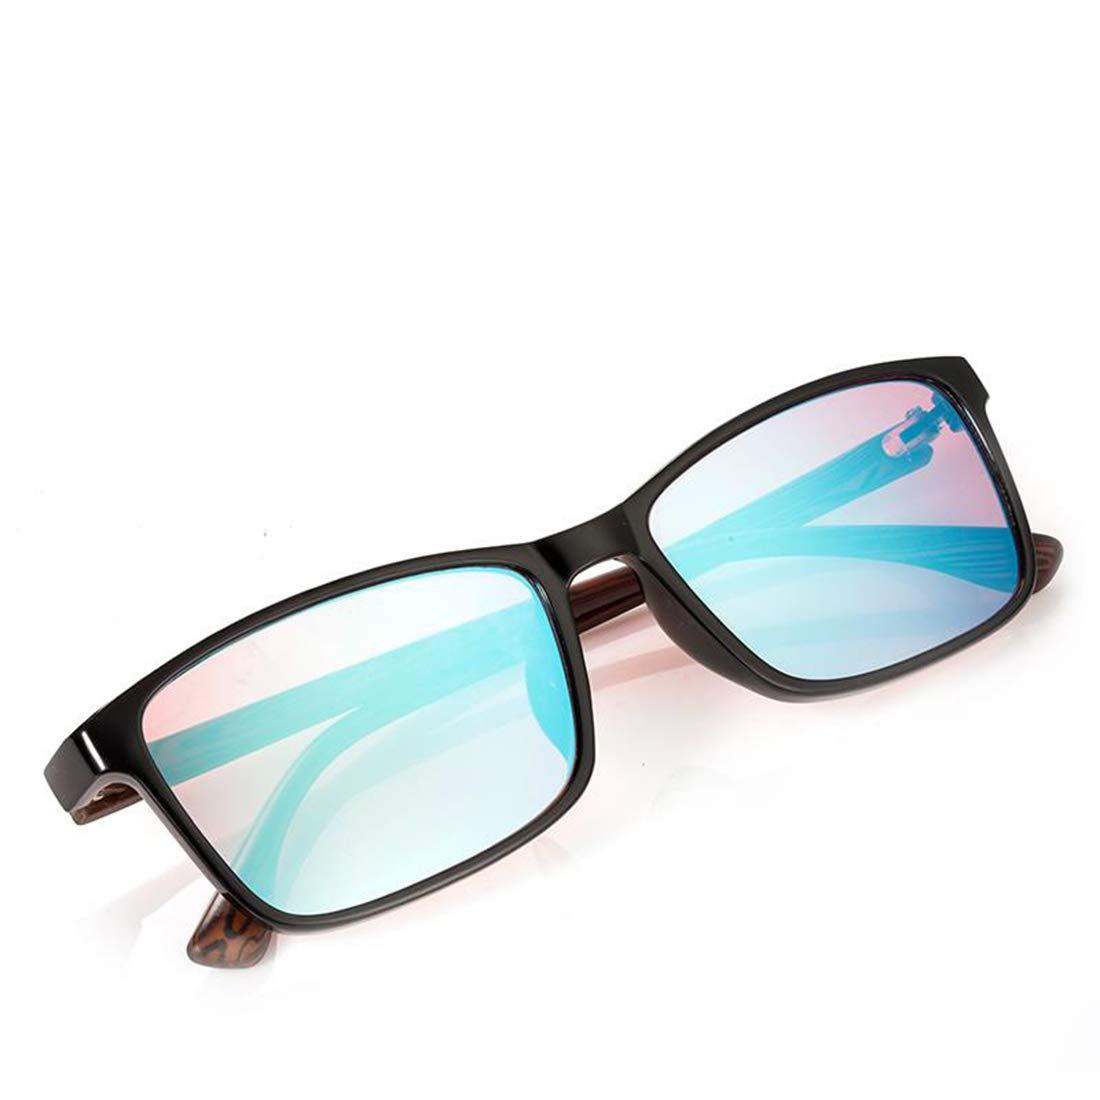 Color Blind Corrective Glasses for Red-Green Blindness (Color Blind Glasses) Modern Fashion Business Glasses